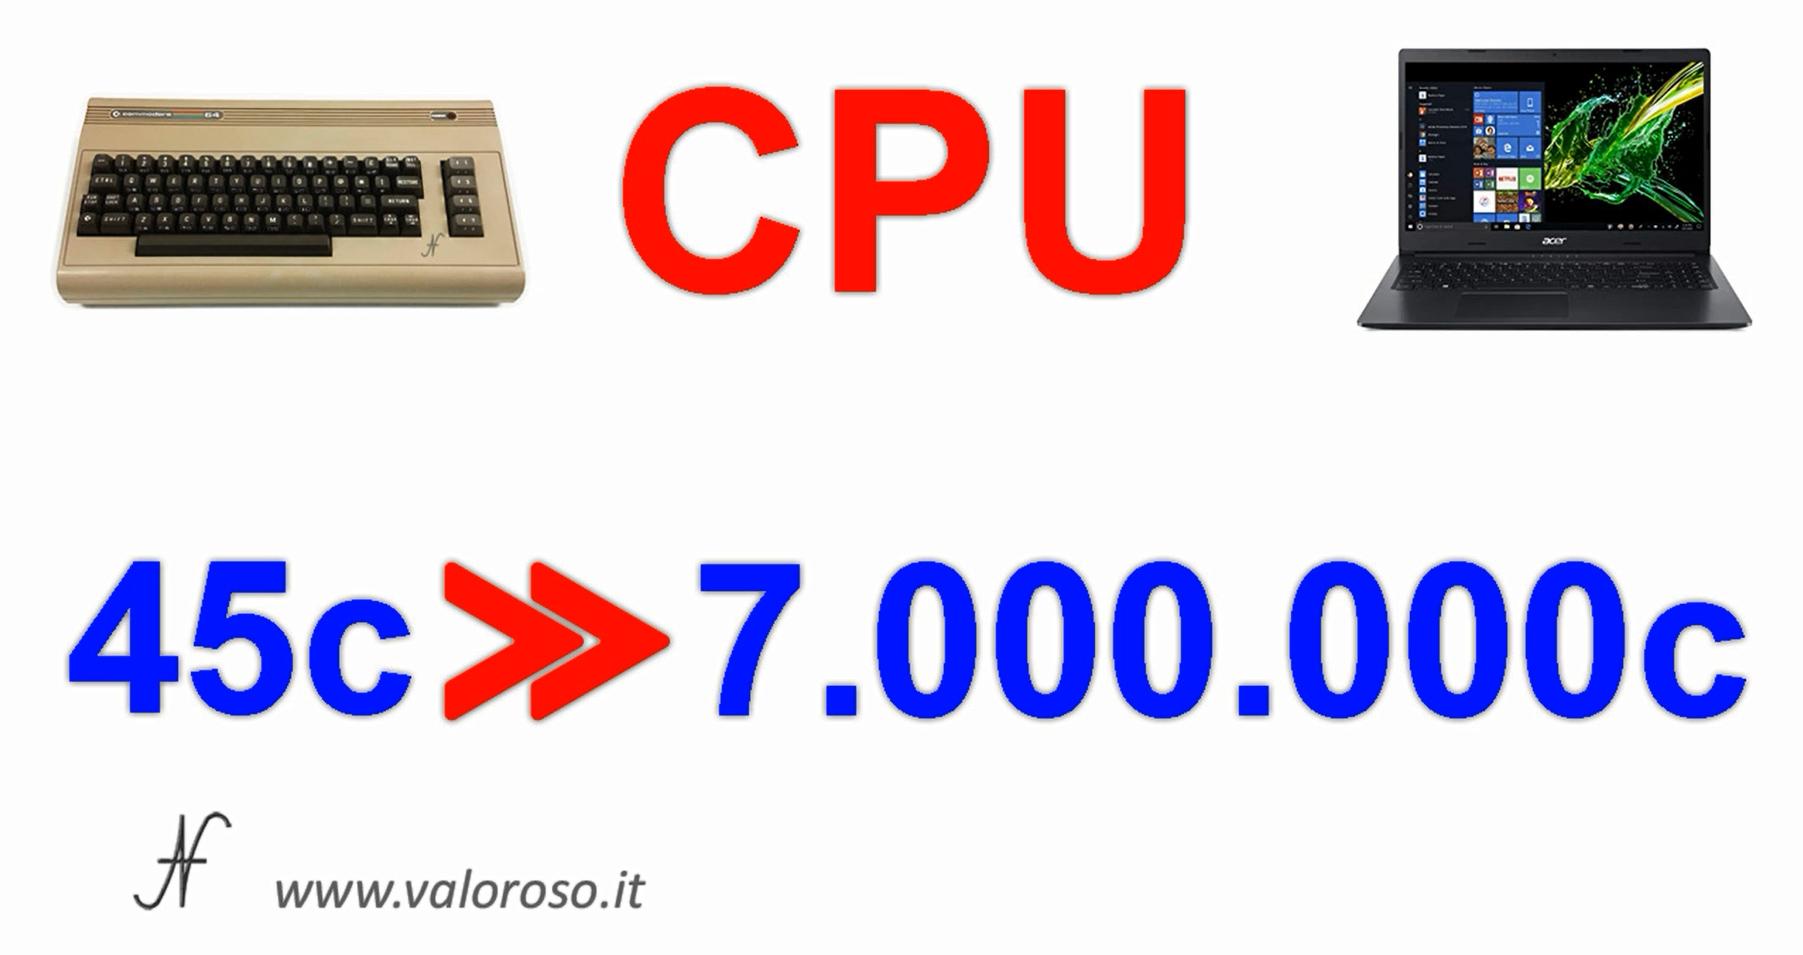 Commodore Vs PC moderno, confronto velocita cpu, paragone performance processore